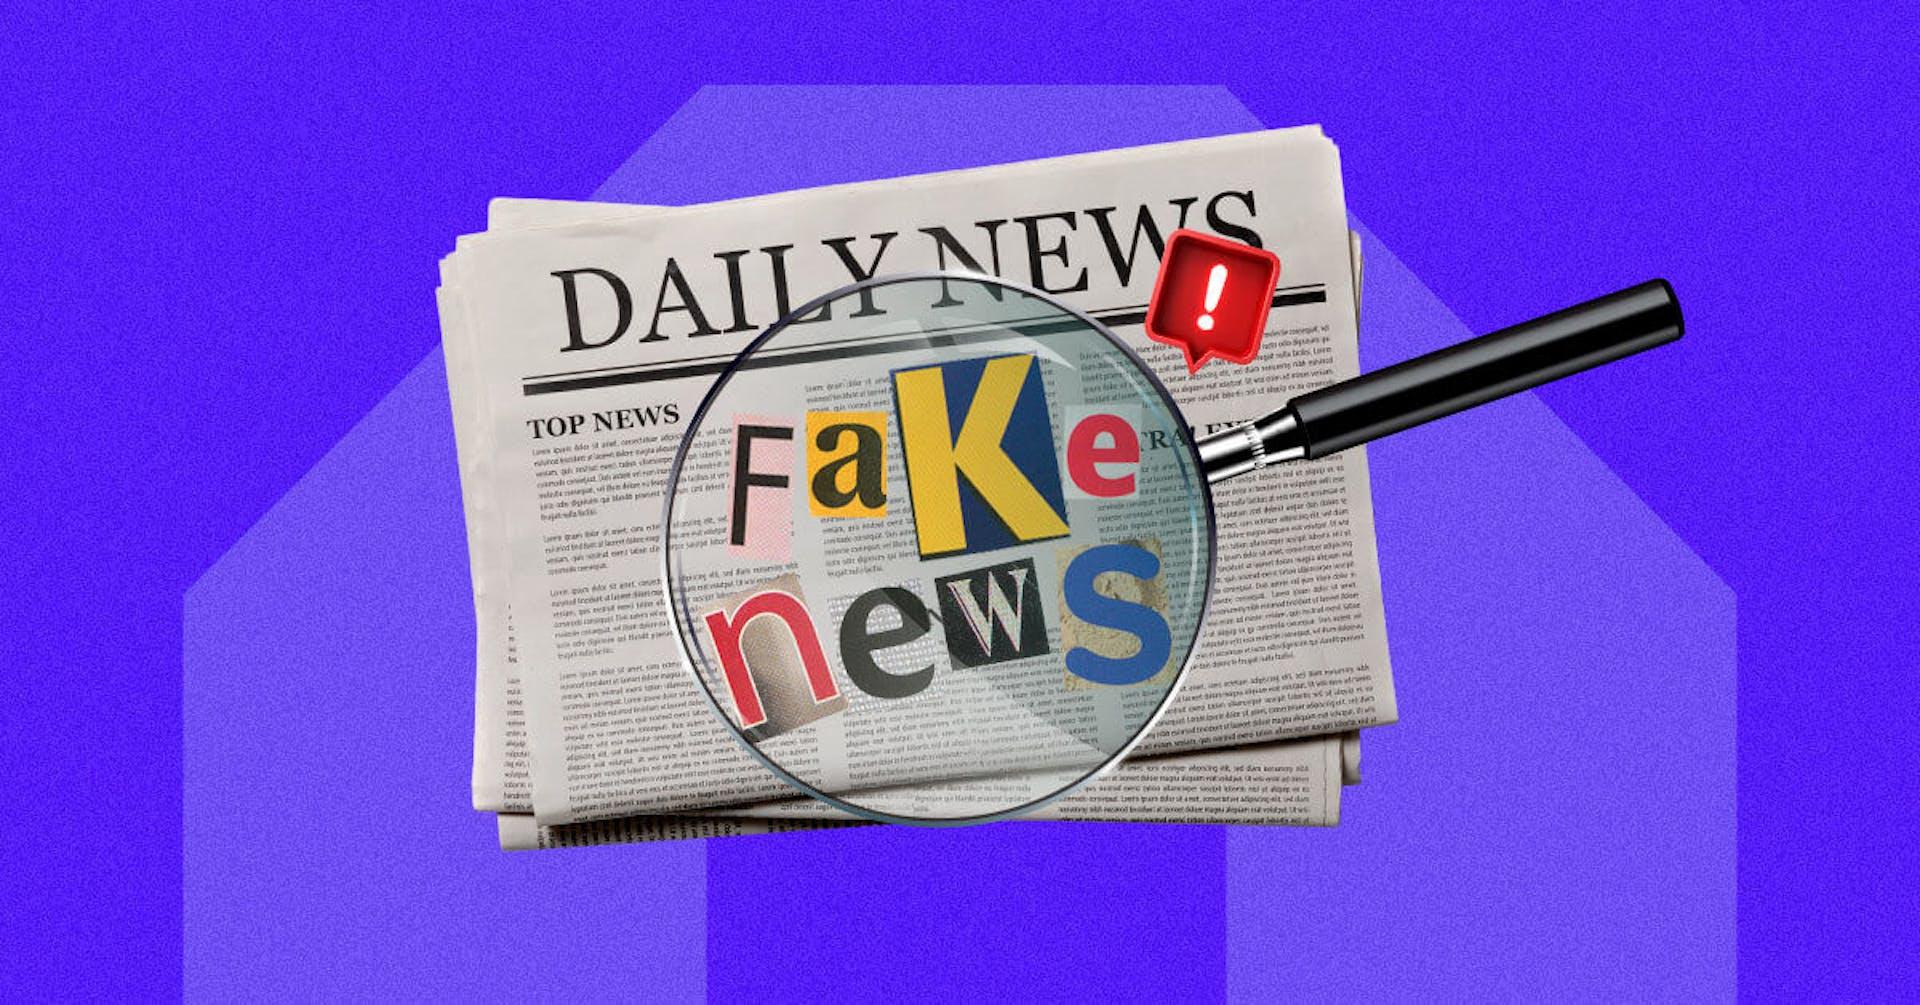 ¿Cuáles son las consecuencias de las fake news? ¡Cuidado con lo que compartes en internet!